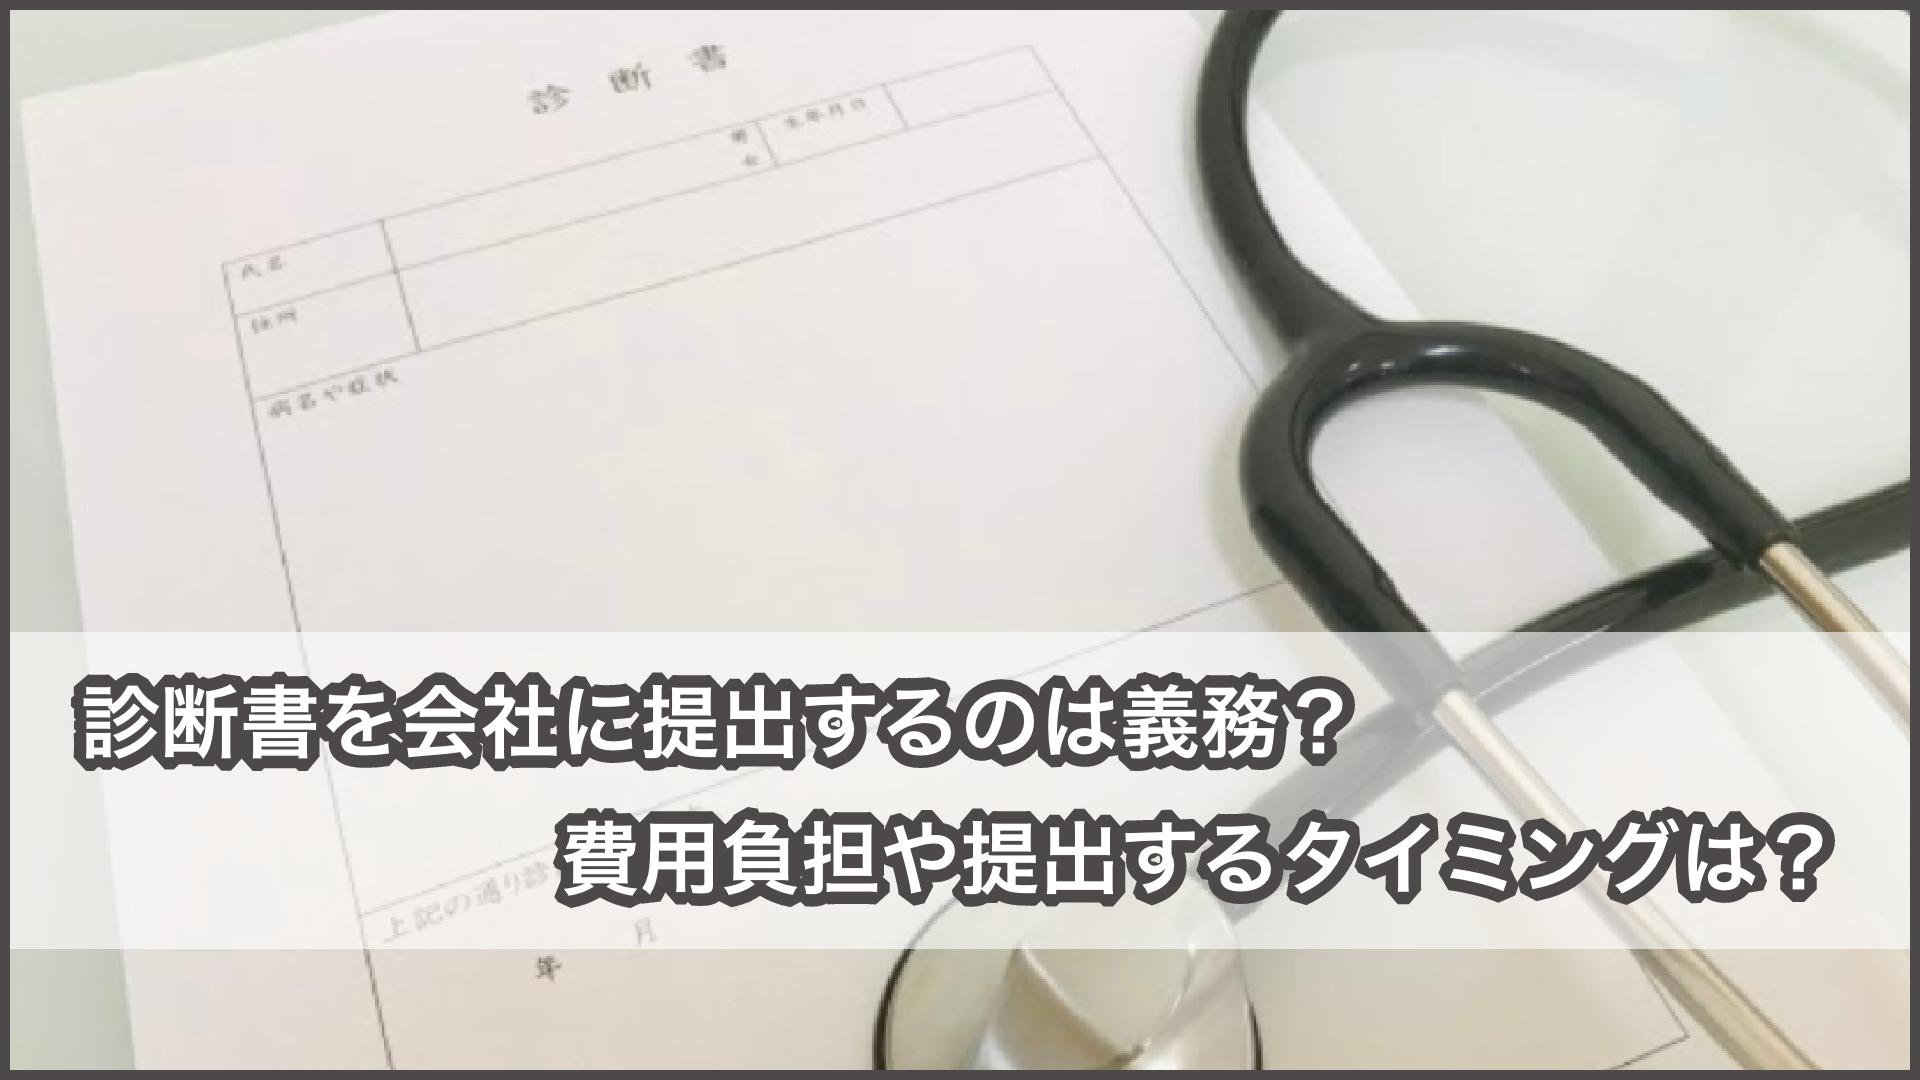 診断書を会社に提出するのは義務?費用負担や提出するタイミングは?